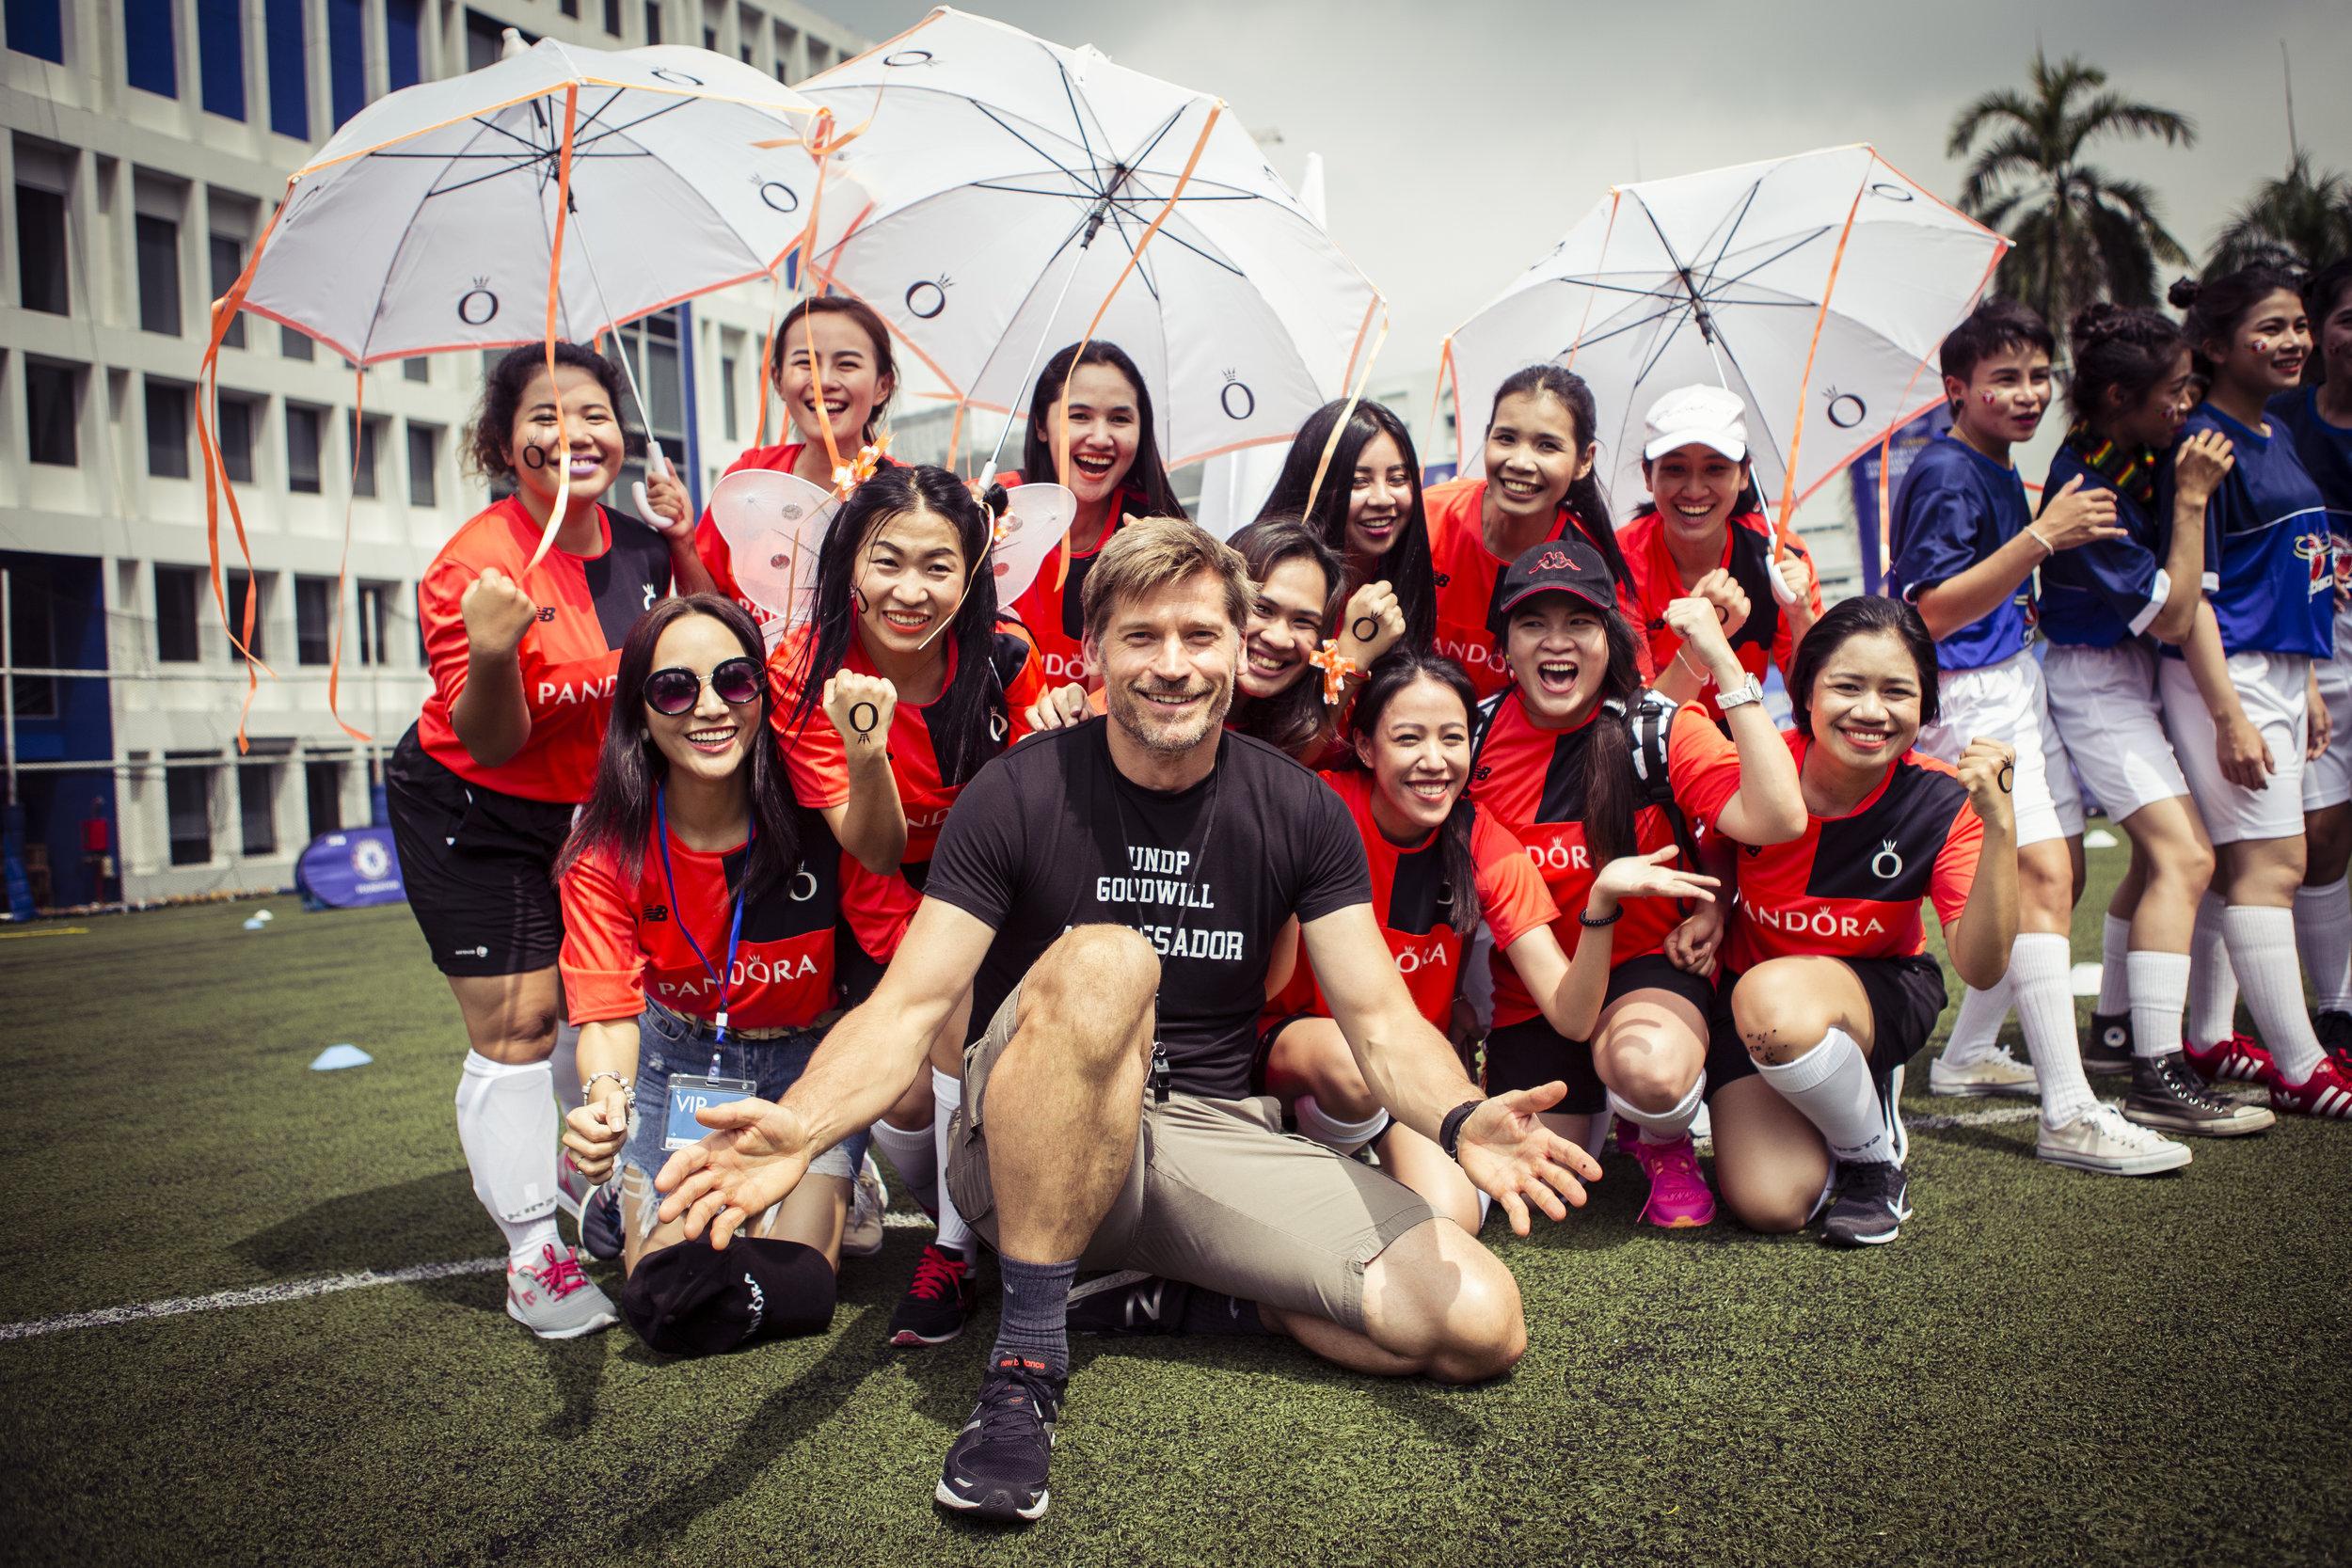 2017_09_30_GGW_ggwcup_Bangkok_0925 (1).JPG